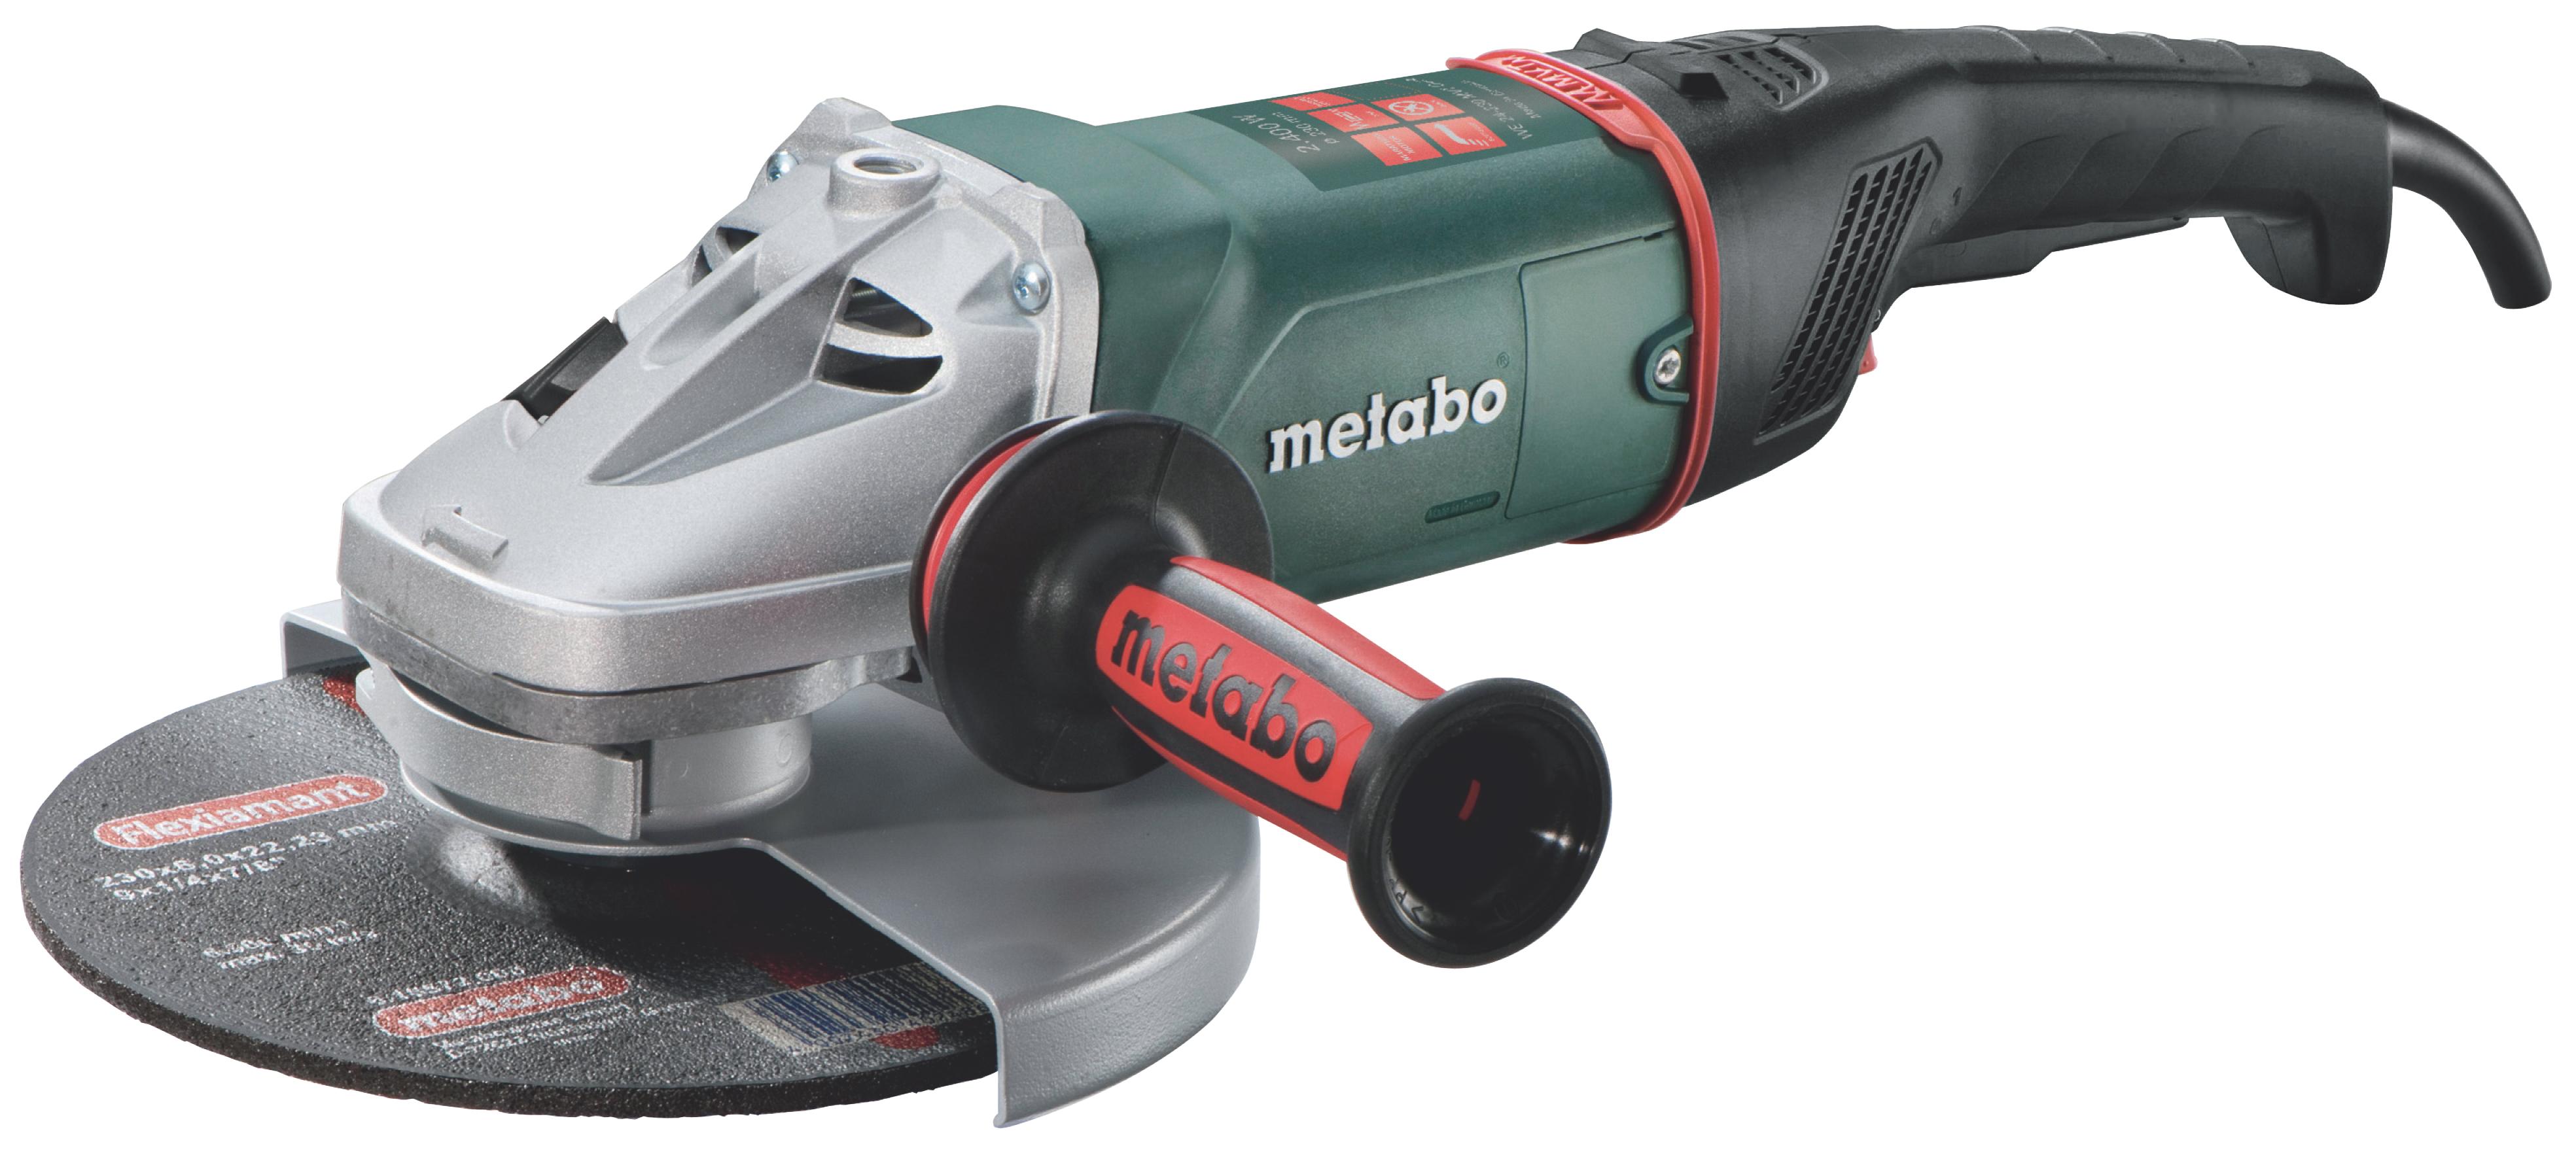 Угловая шлифмашина Metabo WEA 24-230 MVT Quick [606472000]Шлифовальные и заточные машины<br>Комплект поставки:<br>- Metabo WEA 24-230 MVT Quick<br>- защитный кожух<br>- антивибрационная боковая рукоятка<br>- ключ<br>- картонная коробка<br> <br>Особенности модели:<br>- Долговечность - Корпус редуктора угловой шлифмашины Metabo WE 24-230 MVT Quick выполнен из алюминиевого литья под давлением. Это обеспечивает быстрый теплоотвод при работе и увеличивает срок службы.<br>- Удобство - Возможность изменения положения защитного кожуха без использования ключа делает работу с инструментом удобной.<br>- Низкий уровень вибрации -&amp;nbsp;&amp;nbsp;Трехпозиционная&amp;nbsp;&amp;nbsp;дополнительная рукоятка с антивибрационной...<br>